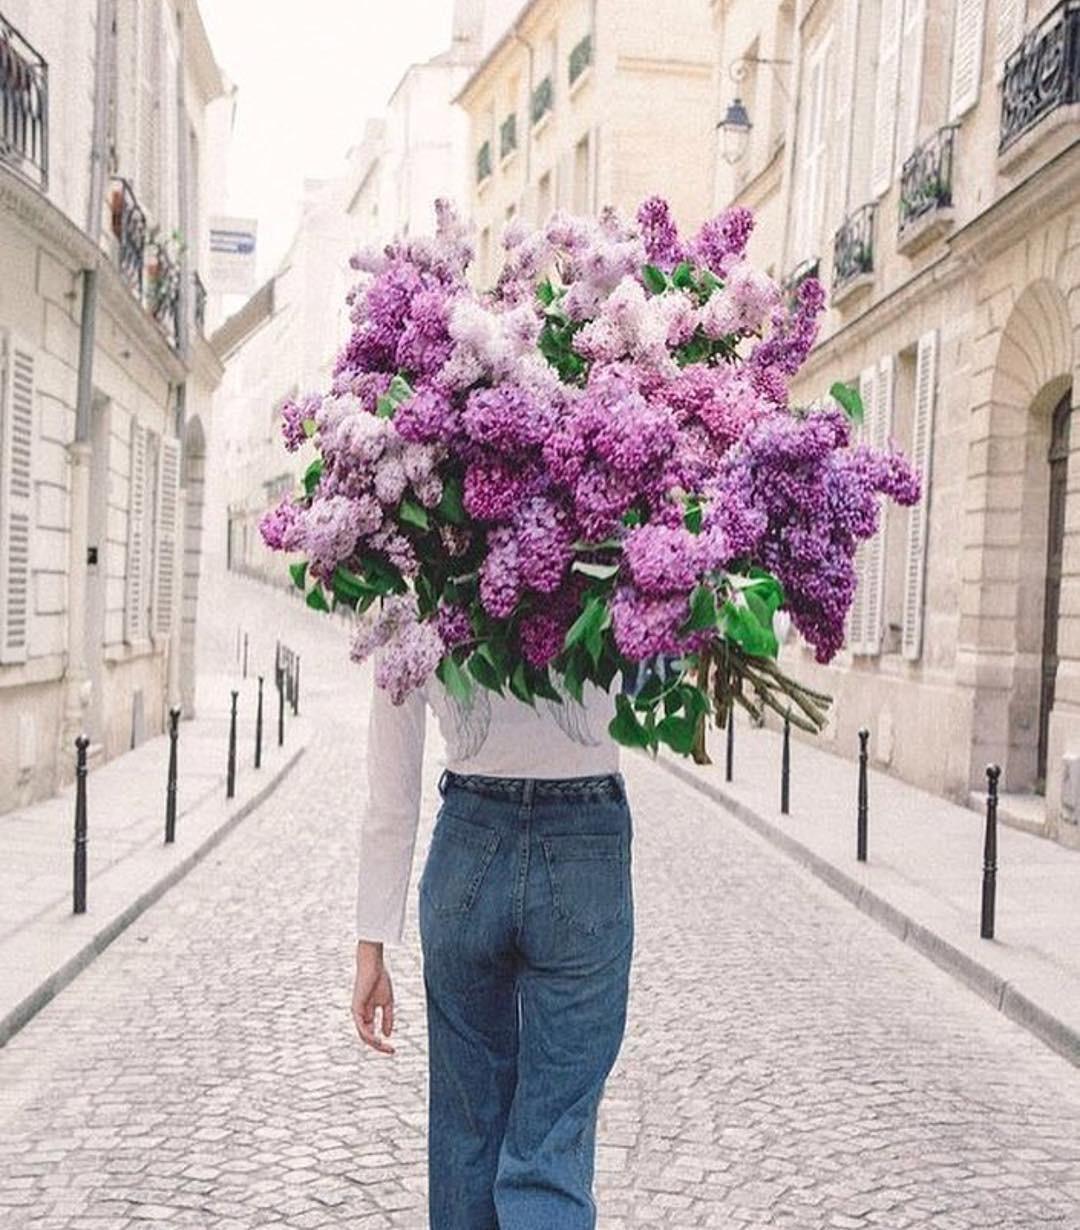 Cómo Preservar Más Tiempo Los Ramos De Rosas O De Flores Que Recibas Por San Valentín O En Cualquier Otro Momento